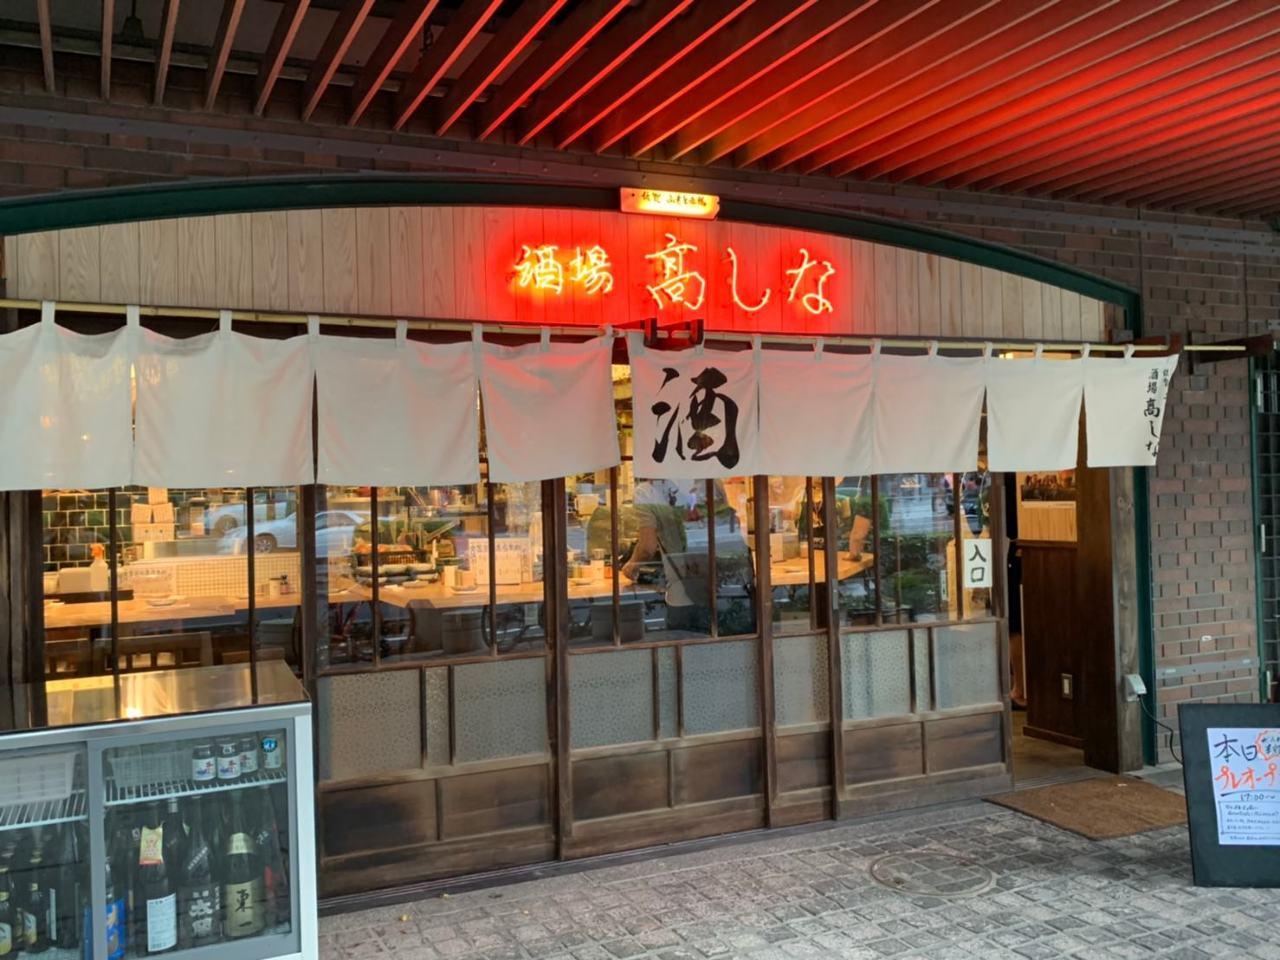 東京駅丸の内出口から徒歩2分!